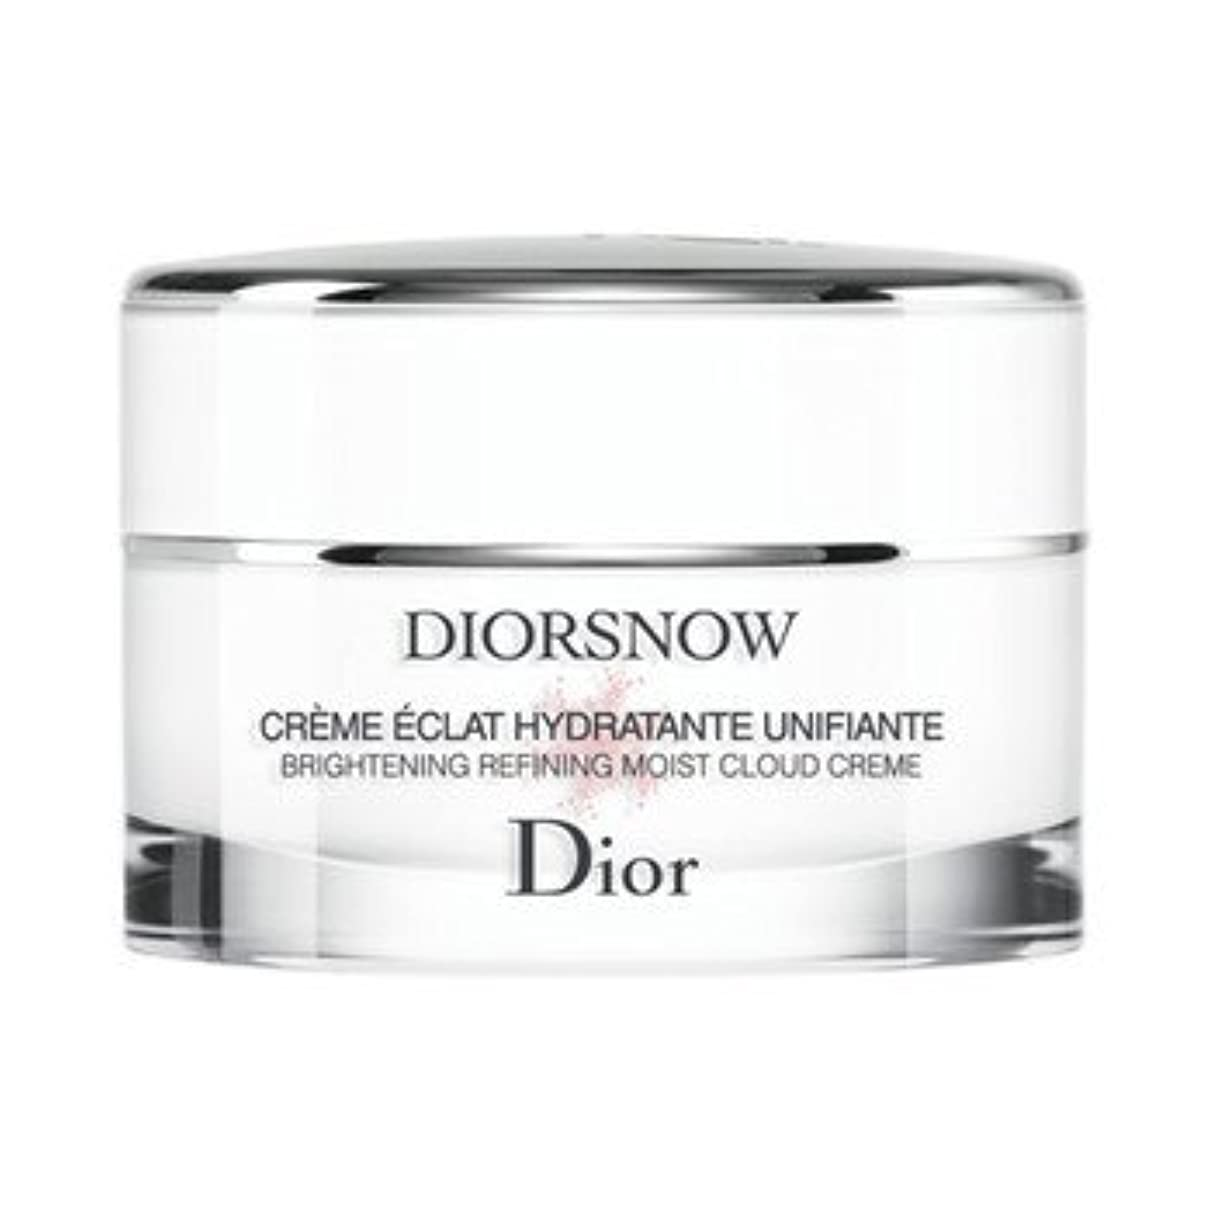 グラフチーター背の高いChiristian Dior クリスチャン ディオール DIOR SNOW ディオール スノー ブライトニング モイスト クリーム 50ml (医薬部外品)【国内正規品】